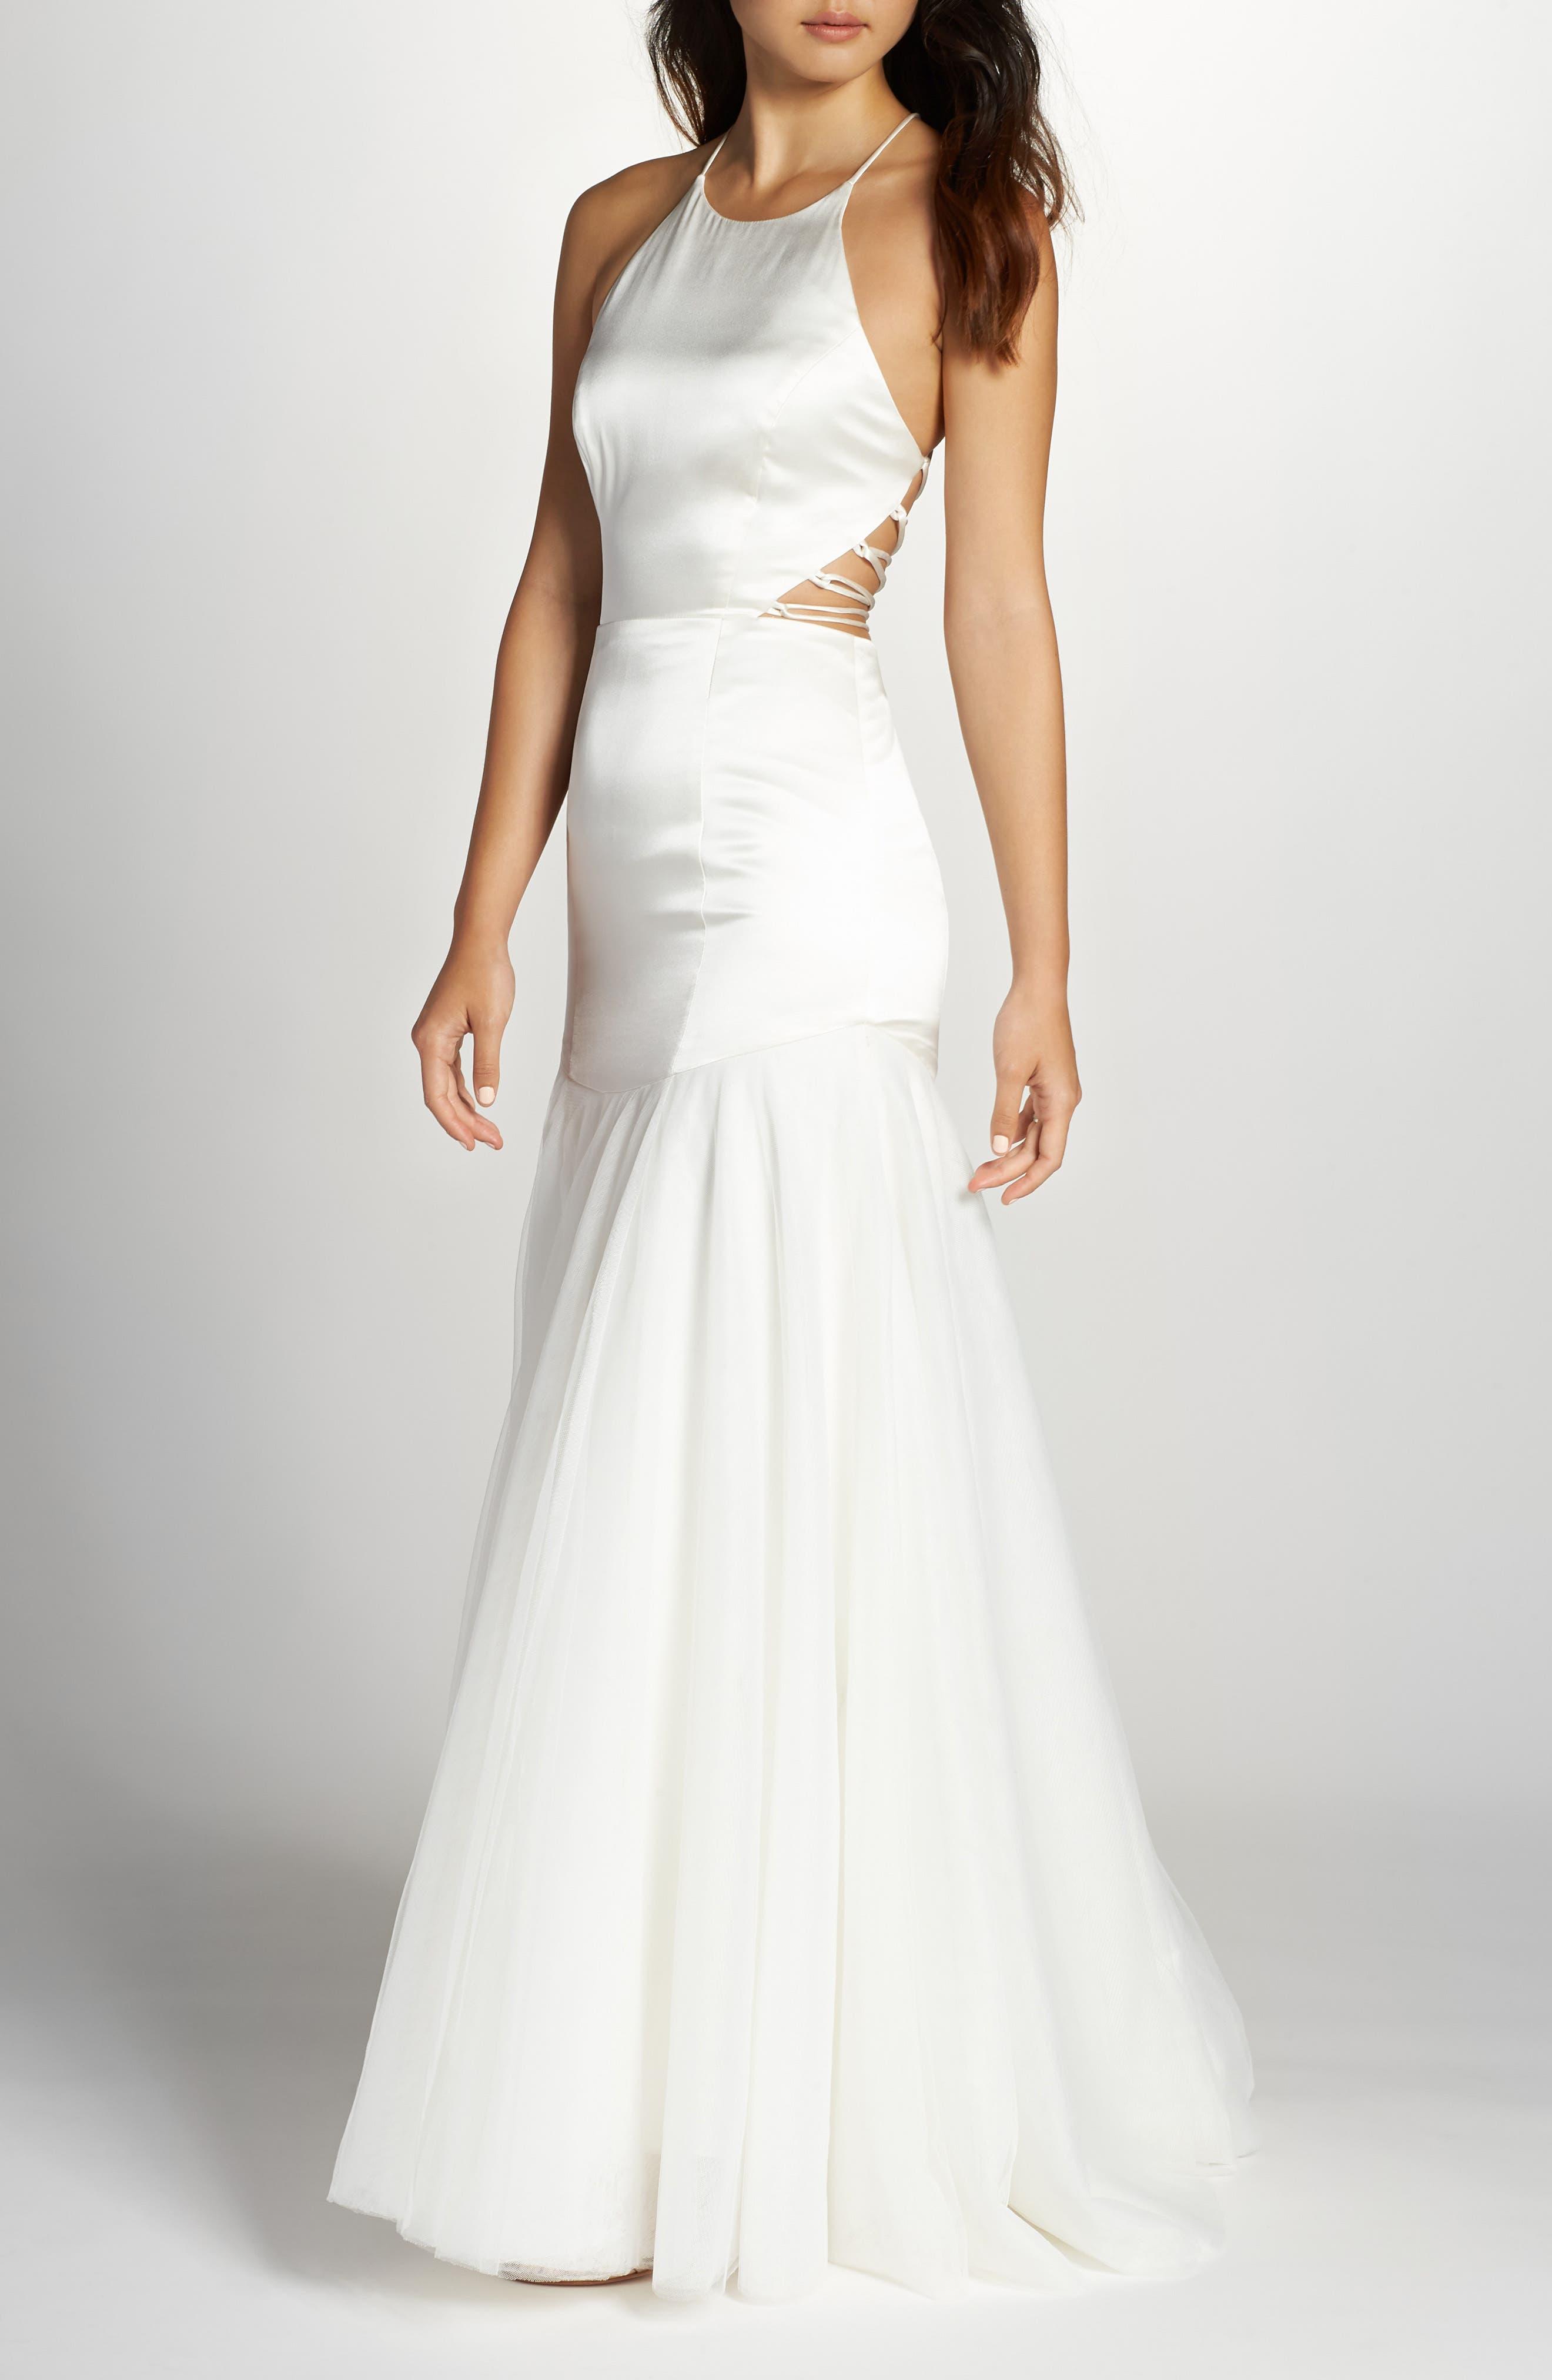 Fame & Partners Alexandrina Strappy Satin & Tulle Mermaid Gown, 8 (similar to 16W-18W) - White